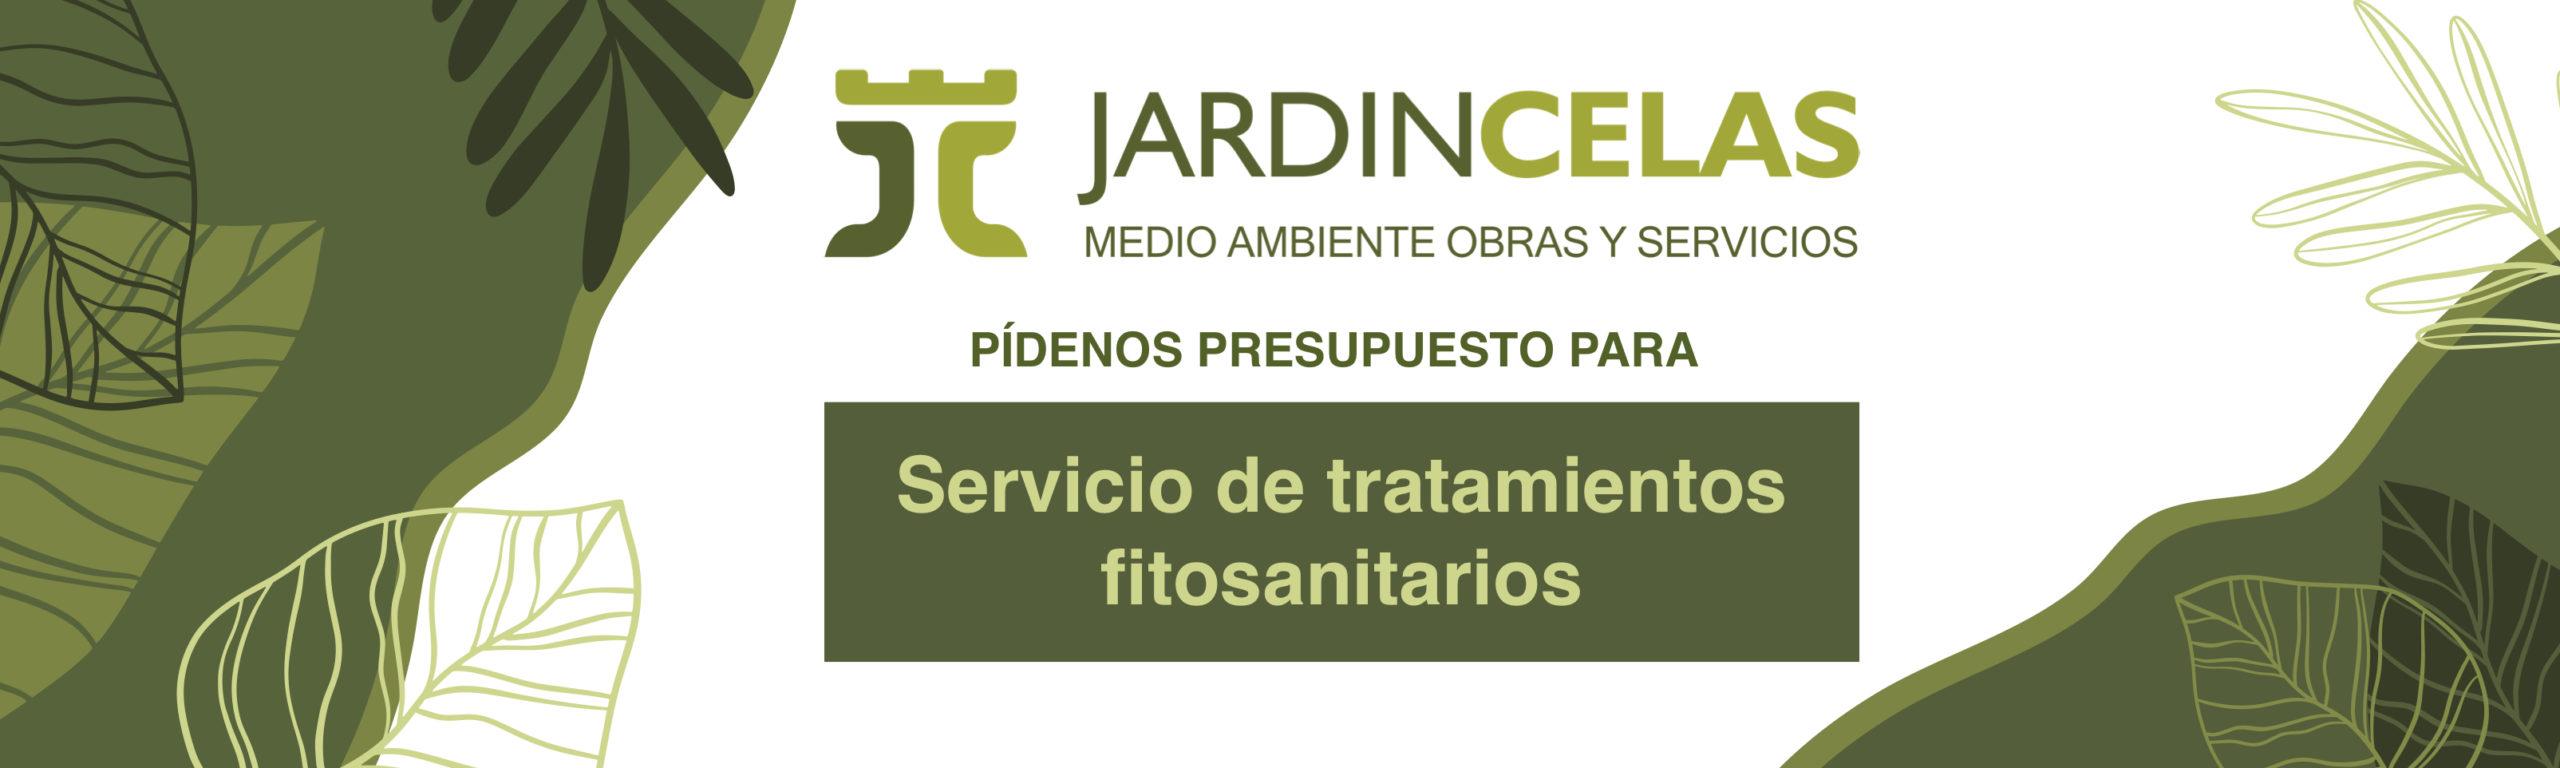 Tratamientos Fitosanitarios Coruña